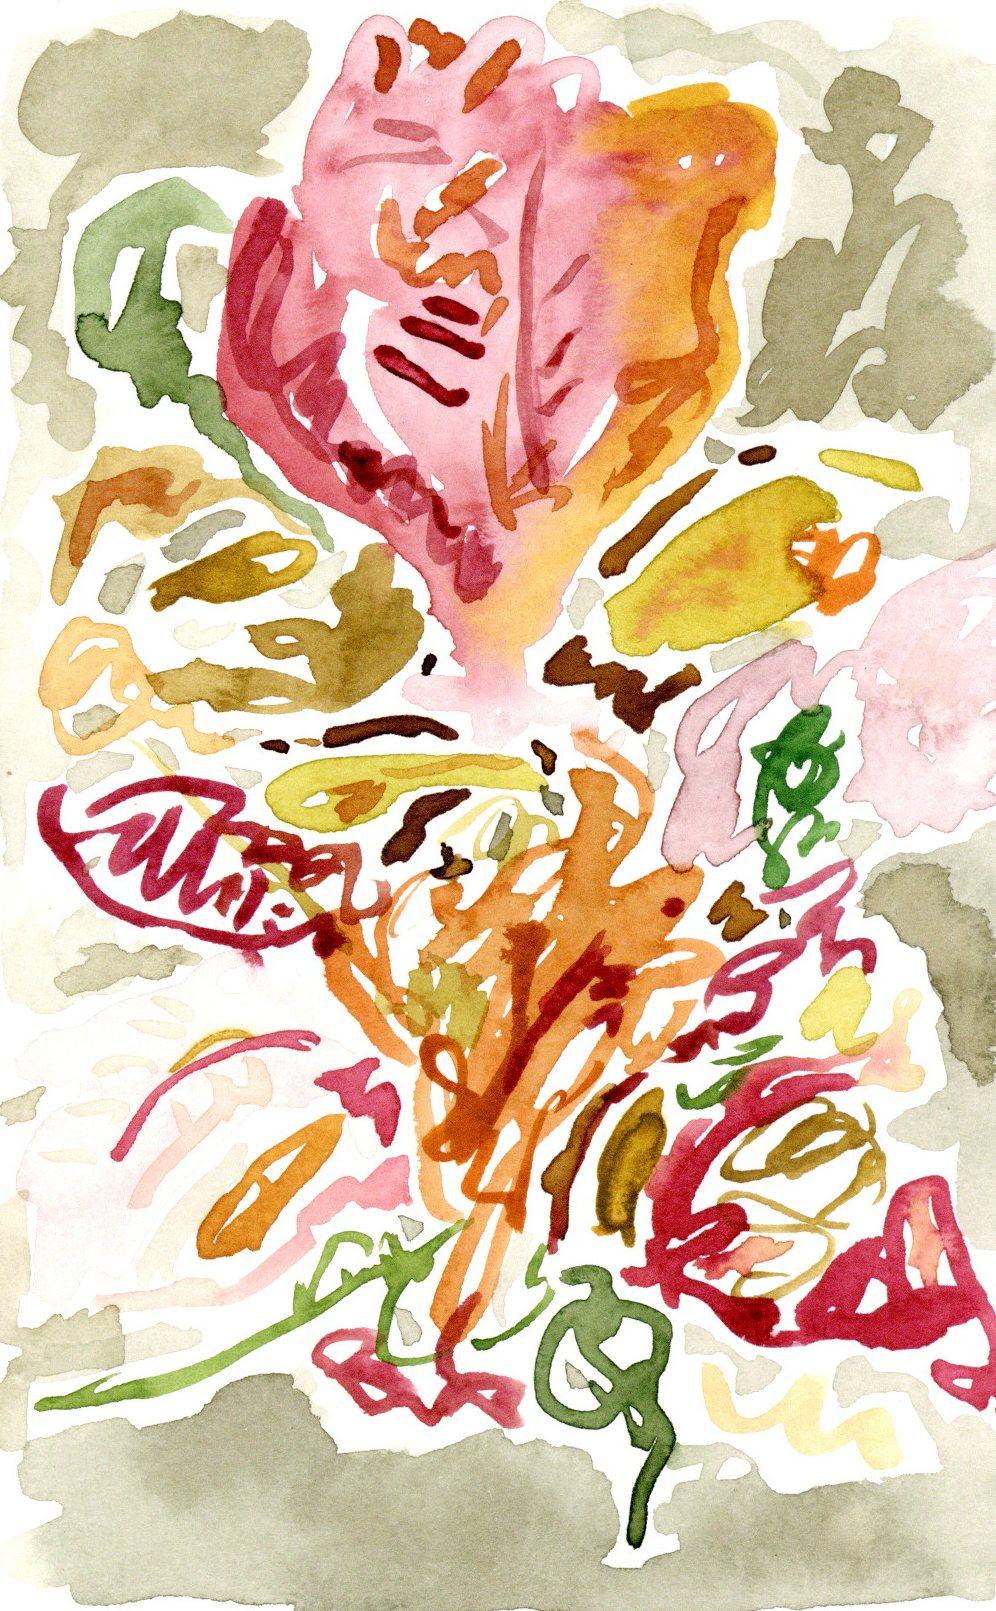 kate lewis art.leaves sketch.JPG